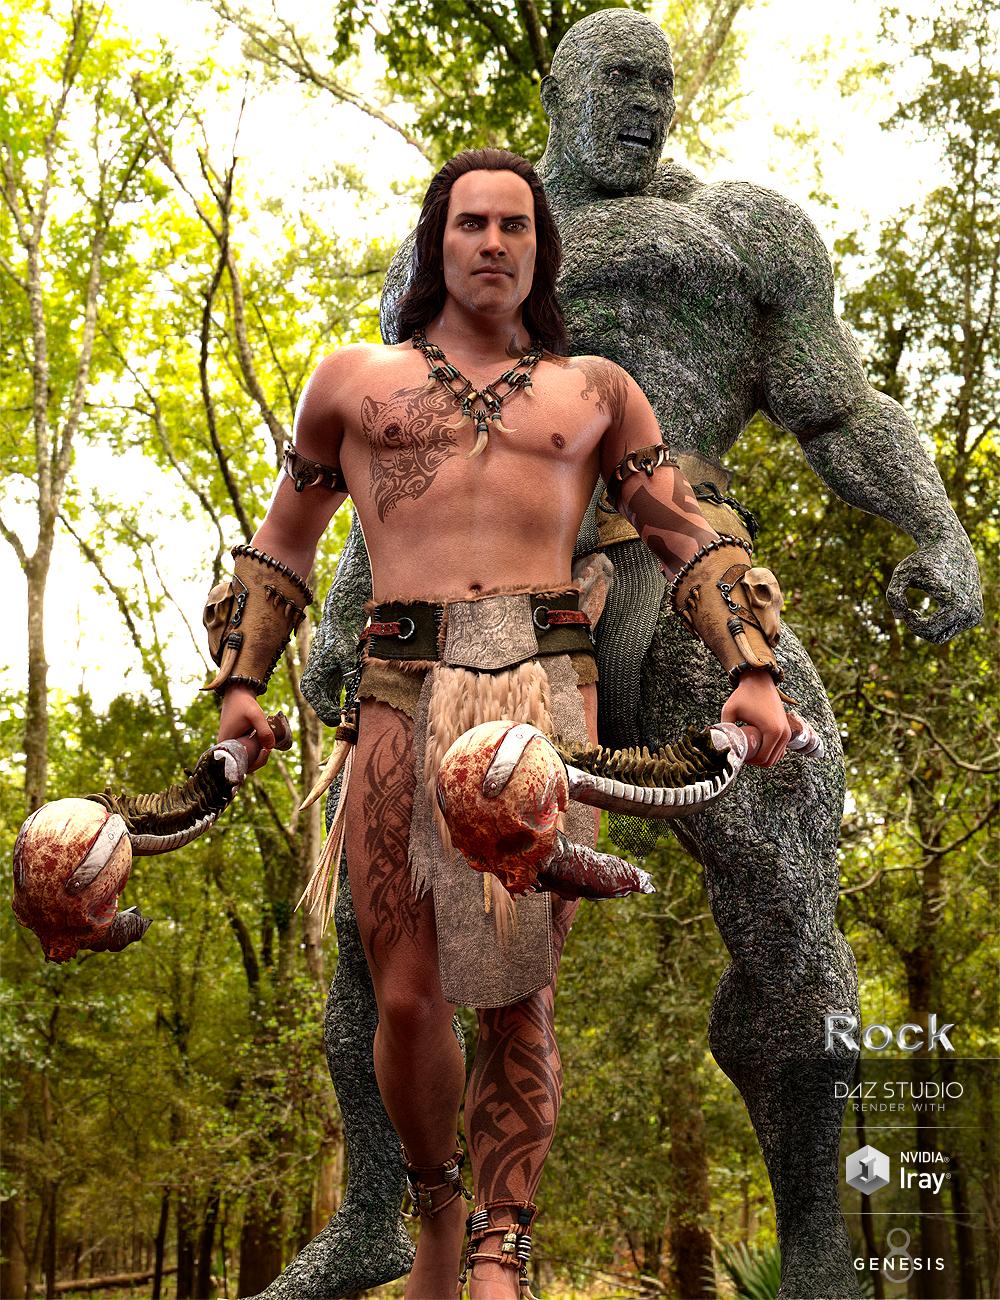 Rock for Genesis 8 Male by: Marcius, 3D Models by Daz 3D